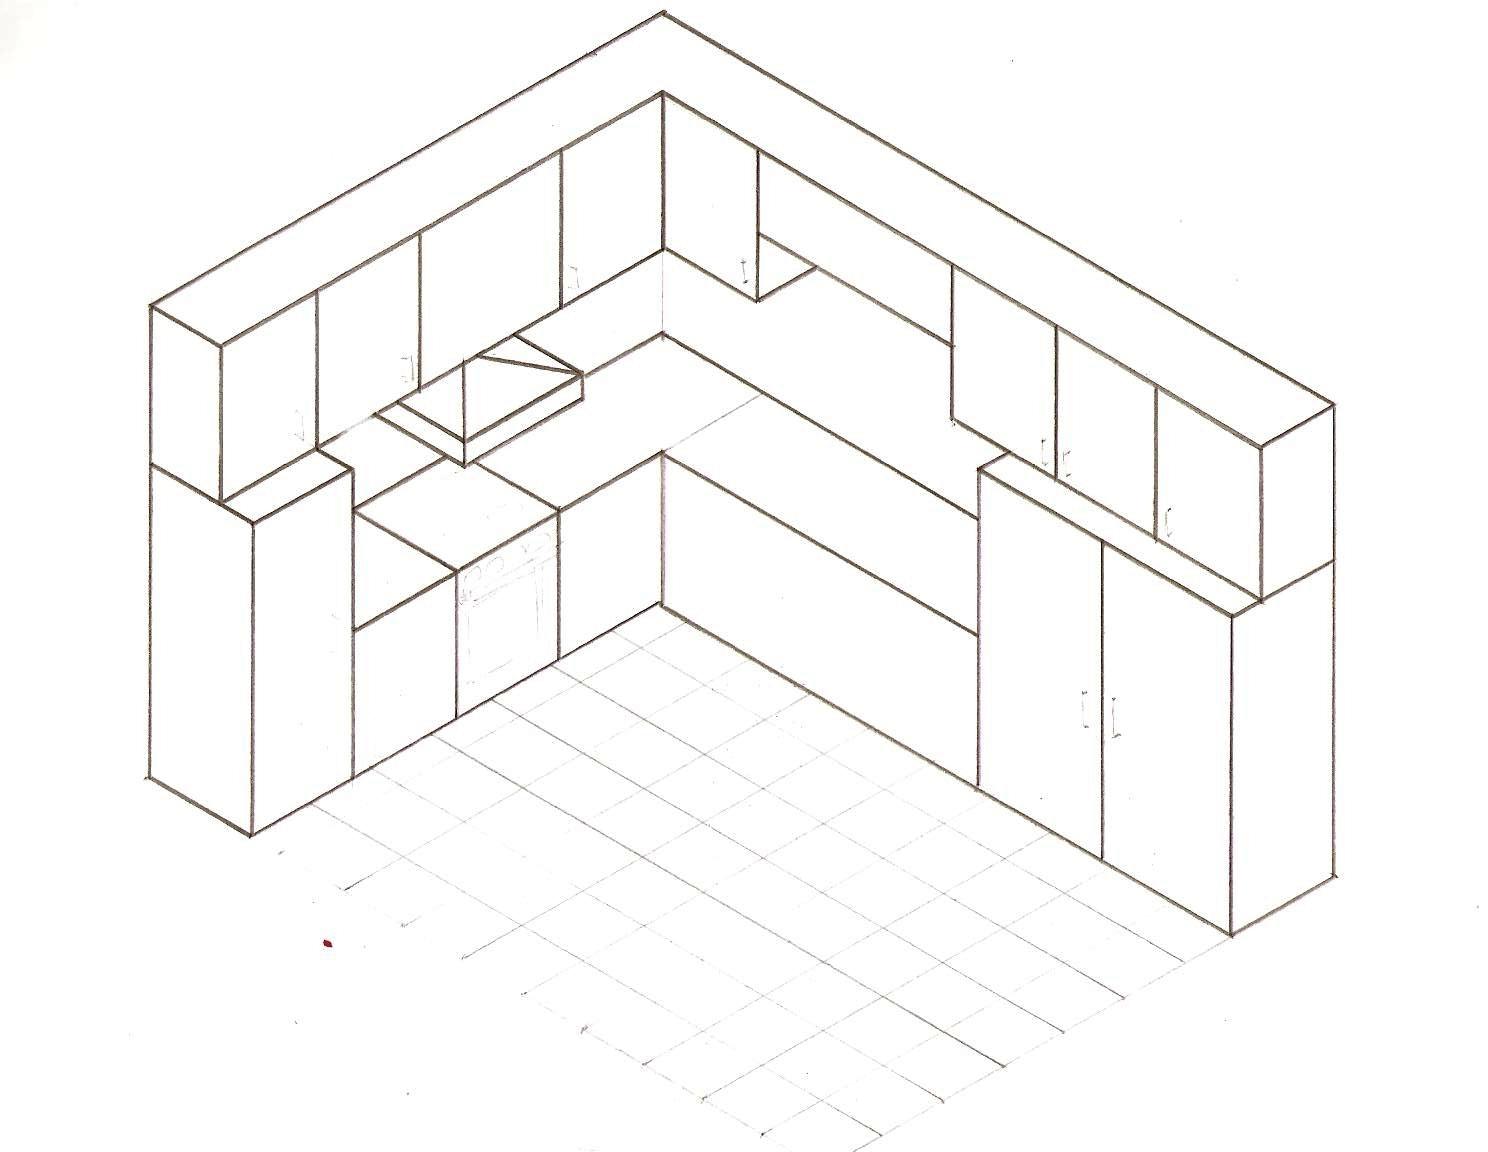 Estudiando construcci n dibujo t cnico ejercicios en for Plano de planta dibujo tecnico